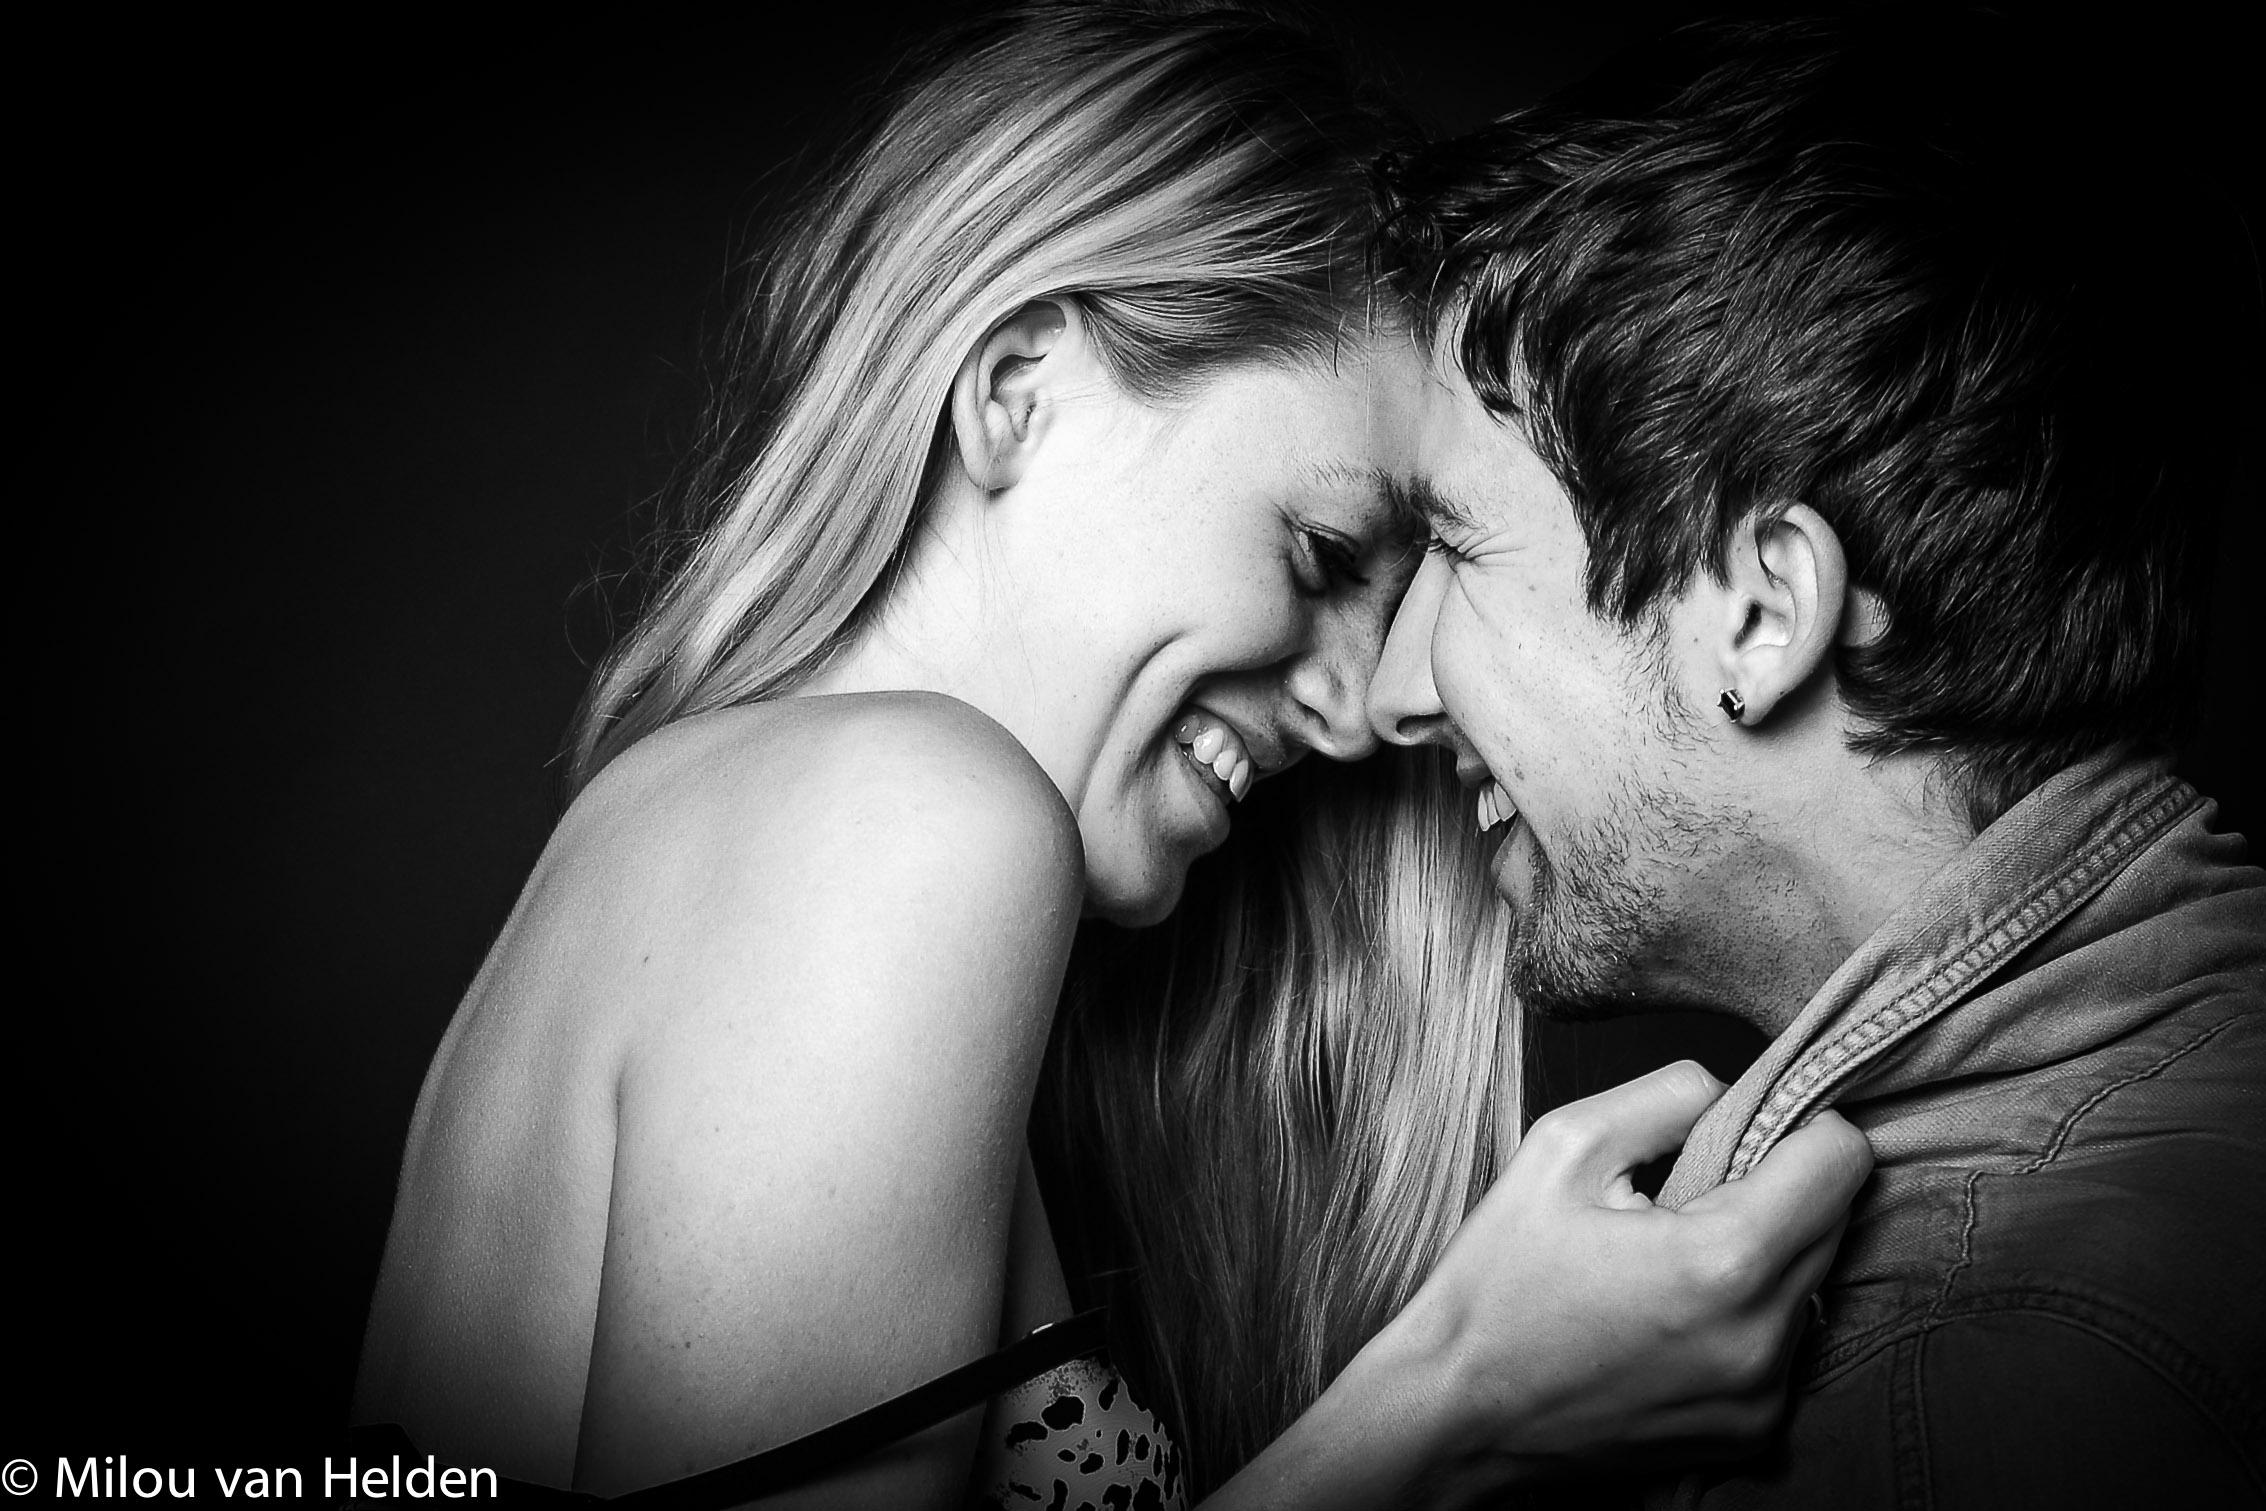 Fotoshoot kadobon voor een romantische fotoshoot